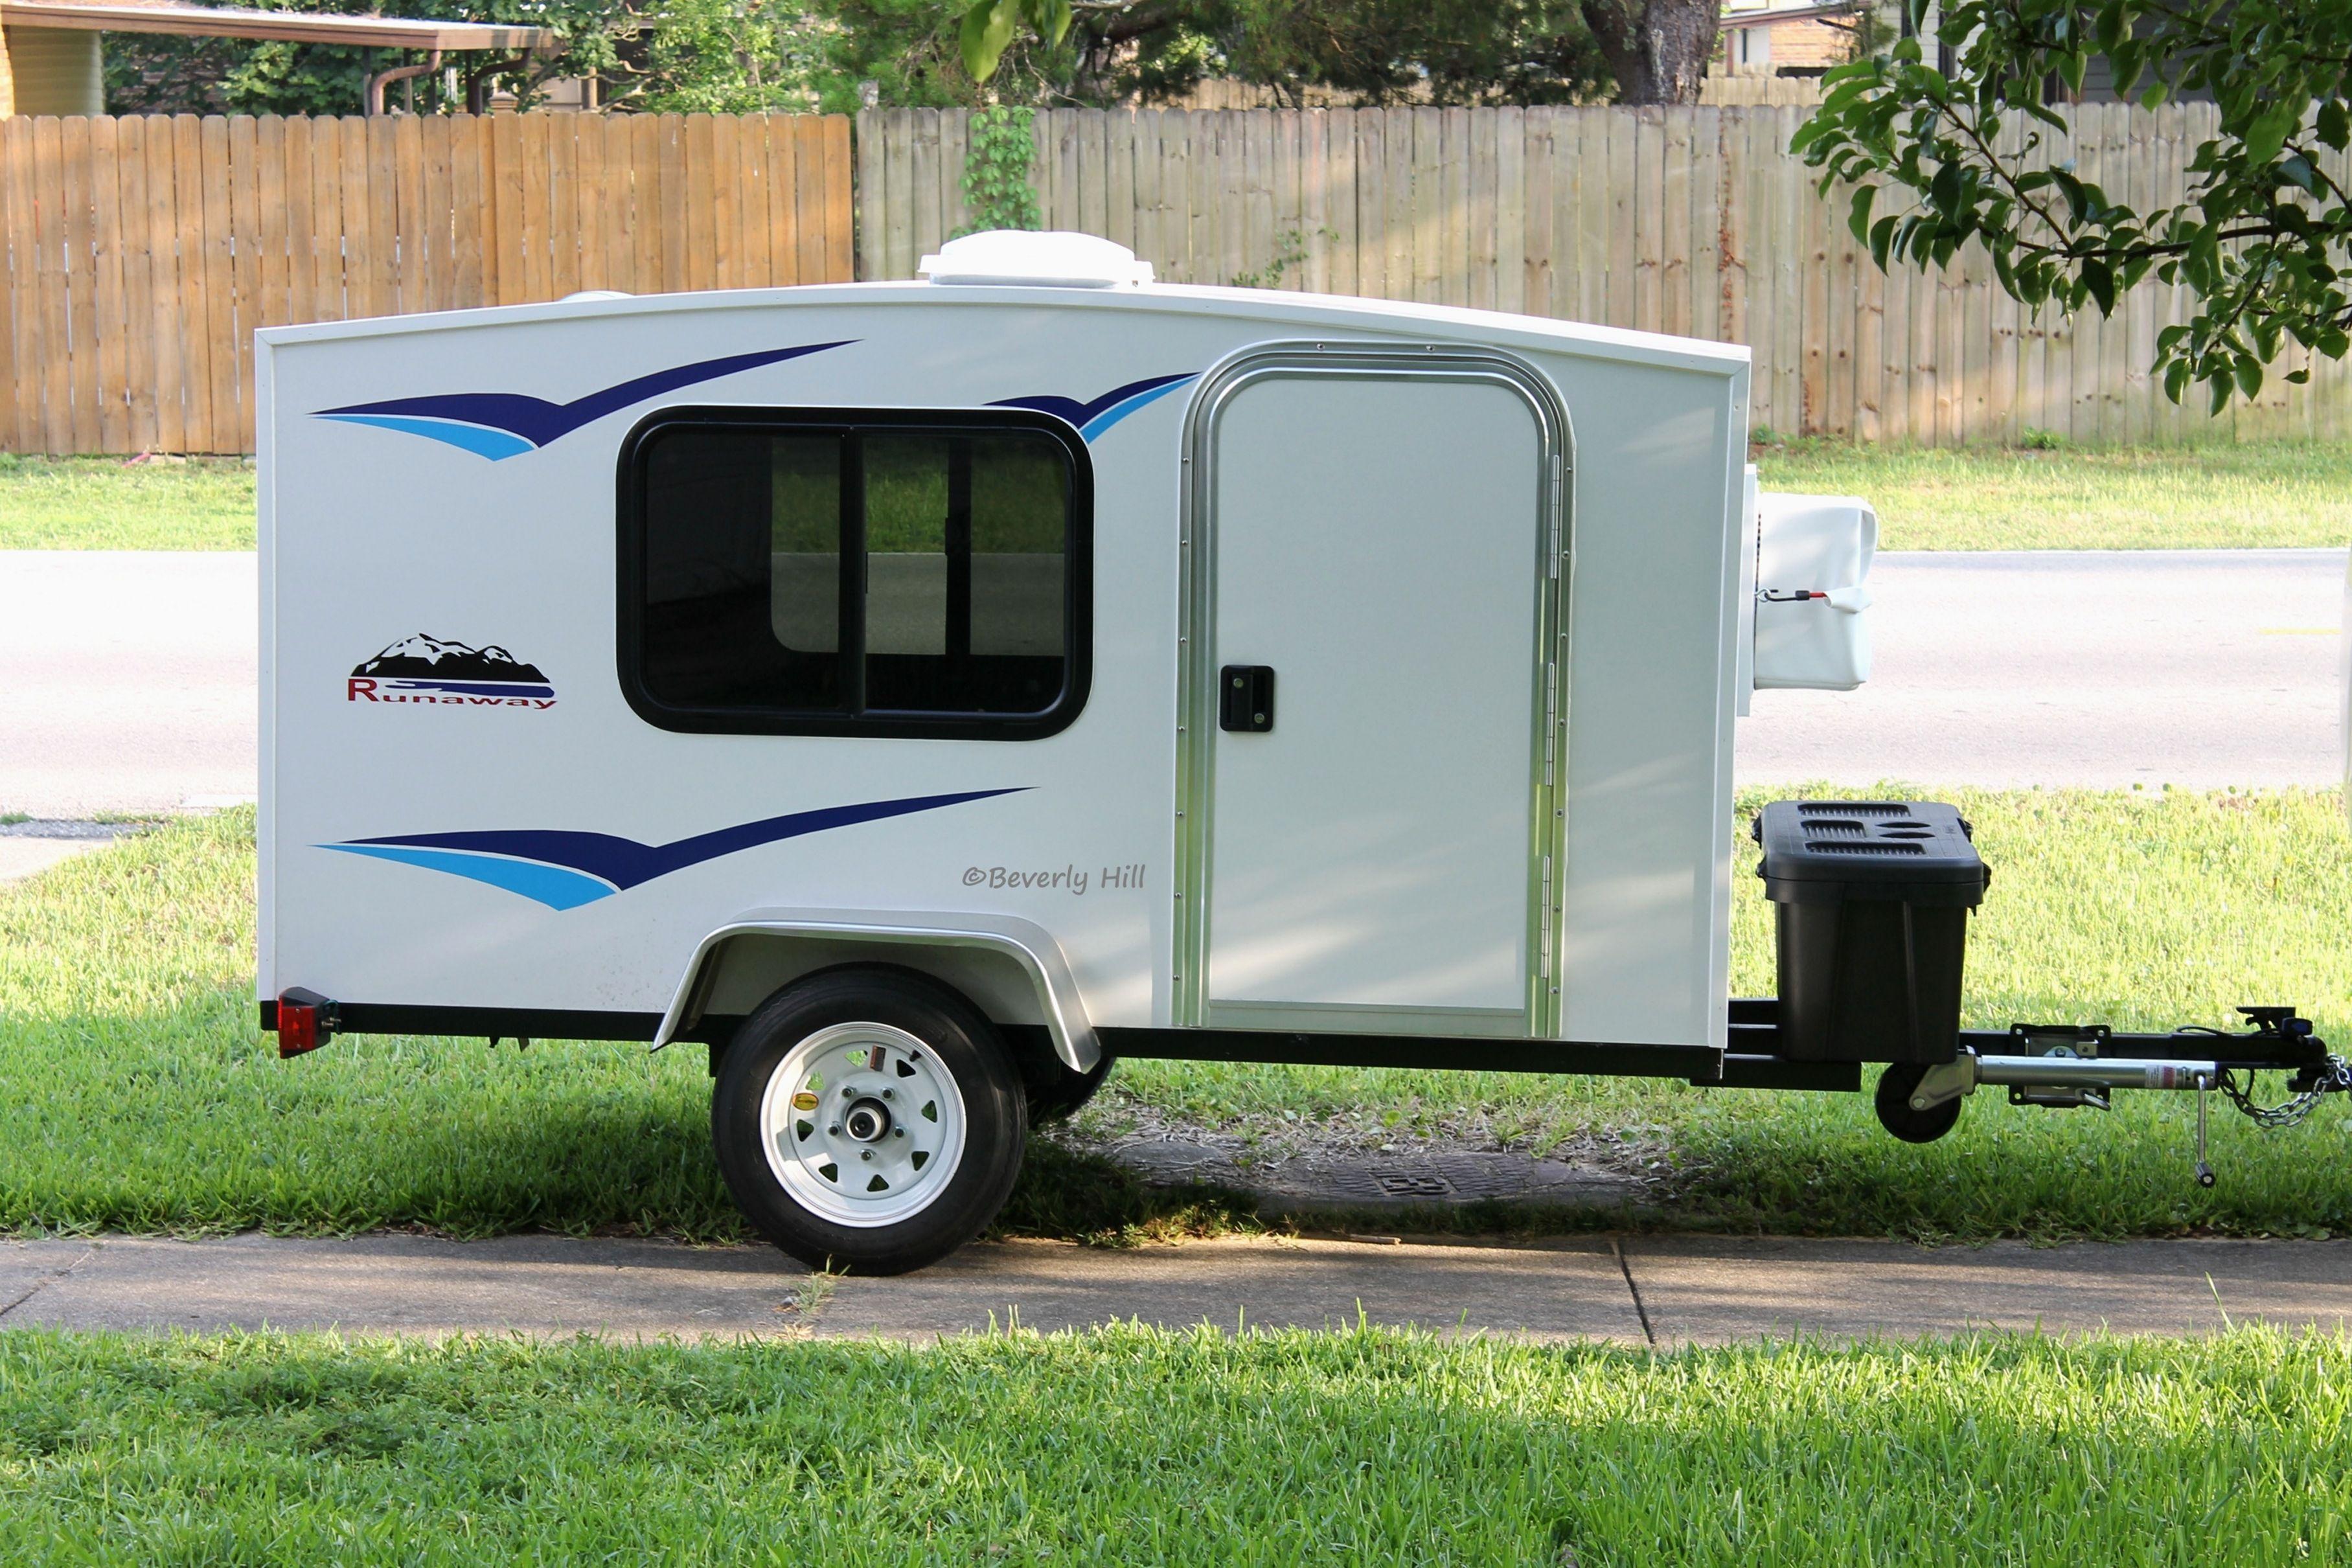 Phenomenon 10 Cheap Small RV Camper Design Ideas For Your ...